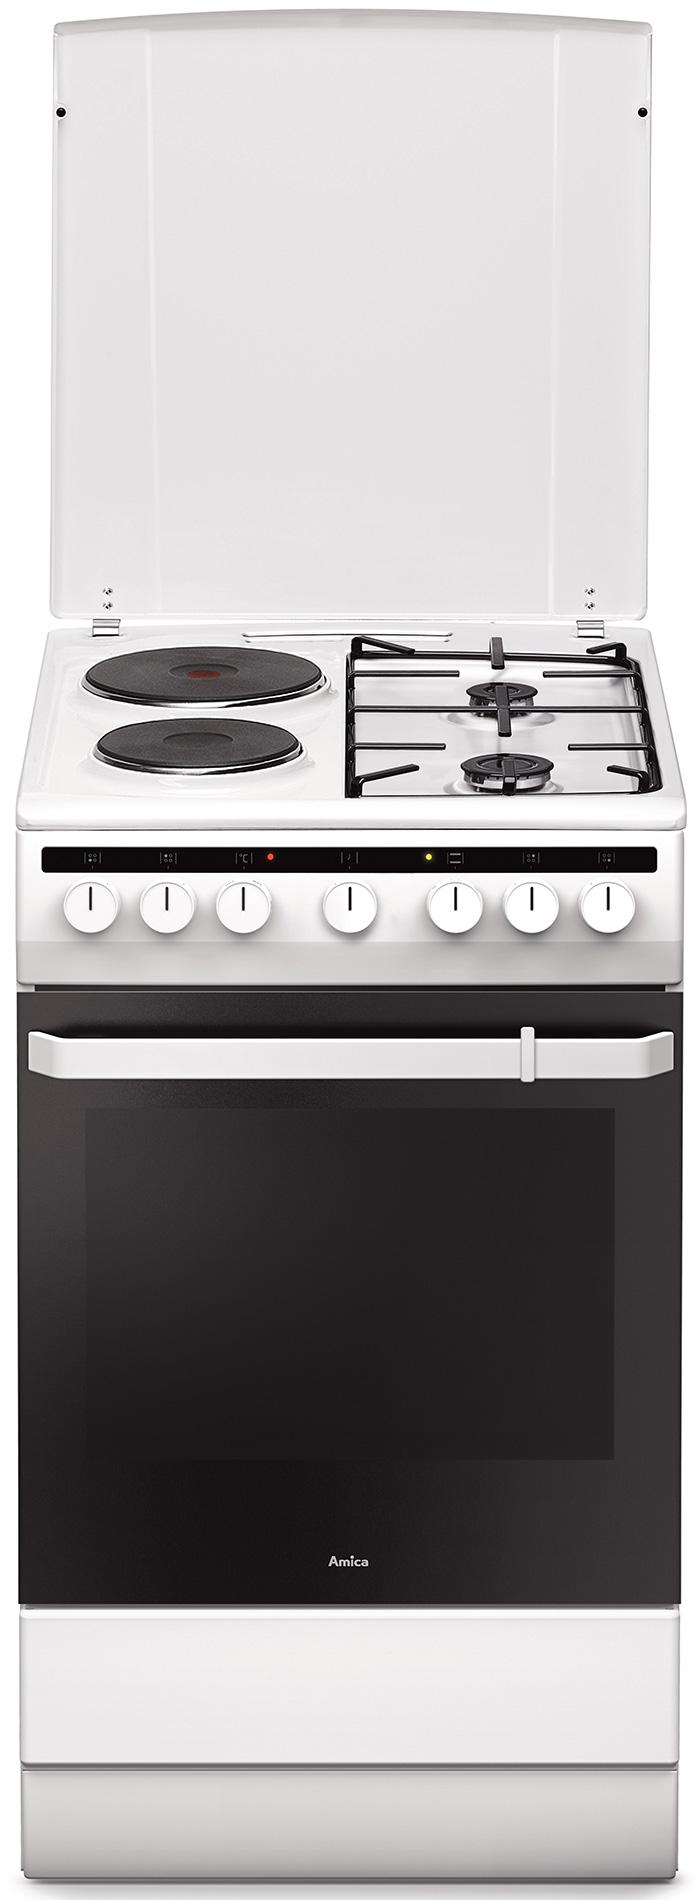 Kuchnia wolnostojąca gazowo elektryczna 500 58ME2 35HZpMs(W)  Amica -> Kuchnie Elektryczne Wolnostojące Indukcyjne